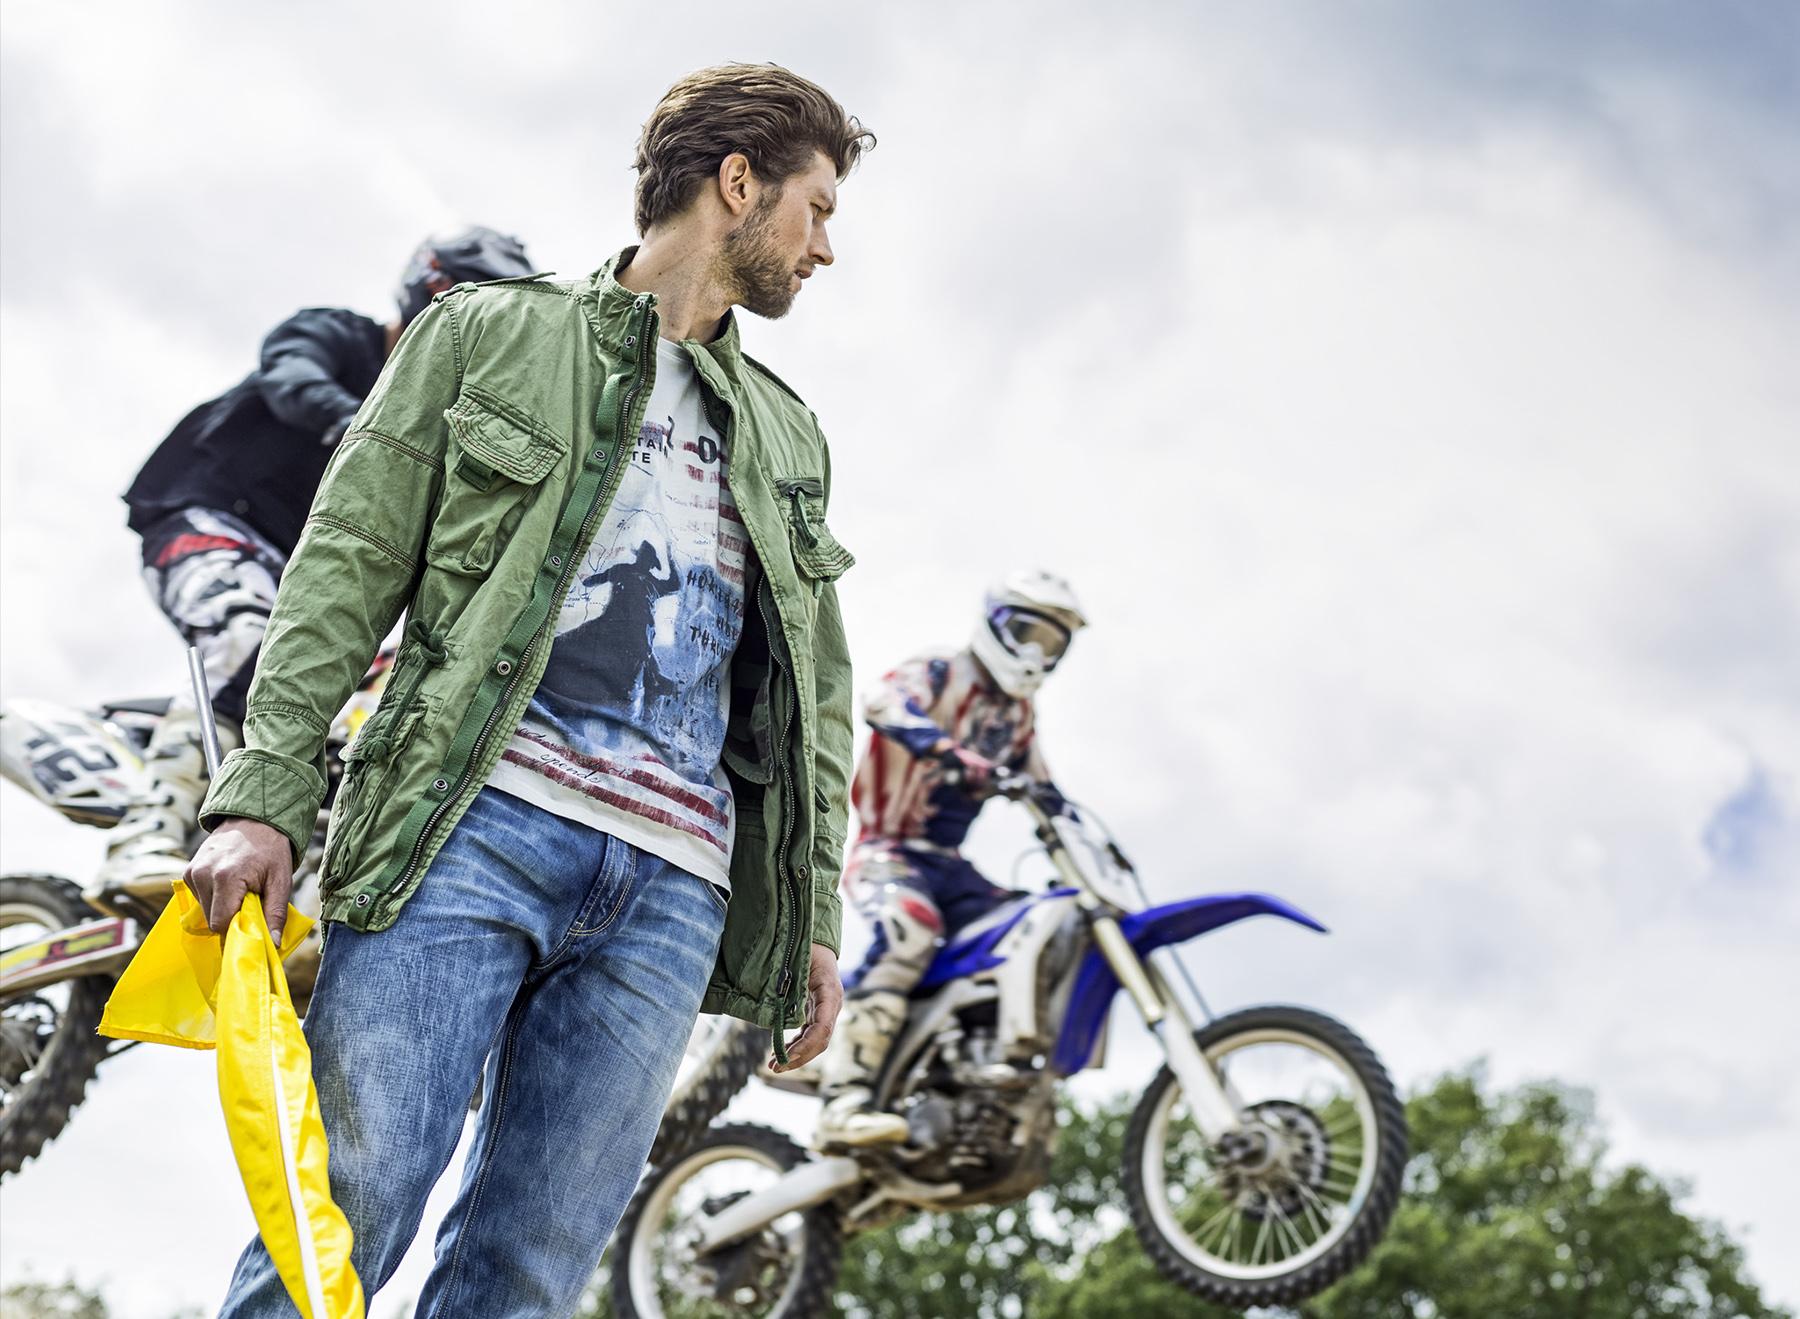 05.GinTonic-Motocross-Christoph-Gramann